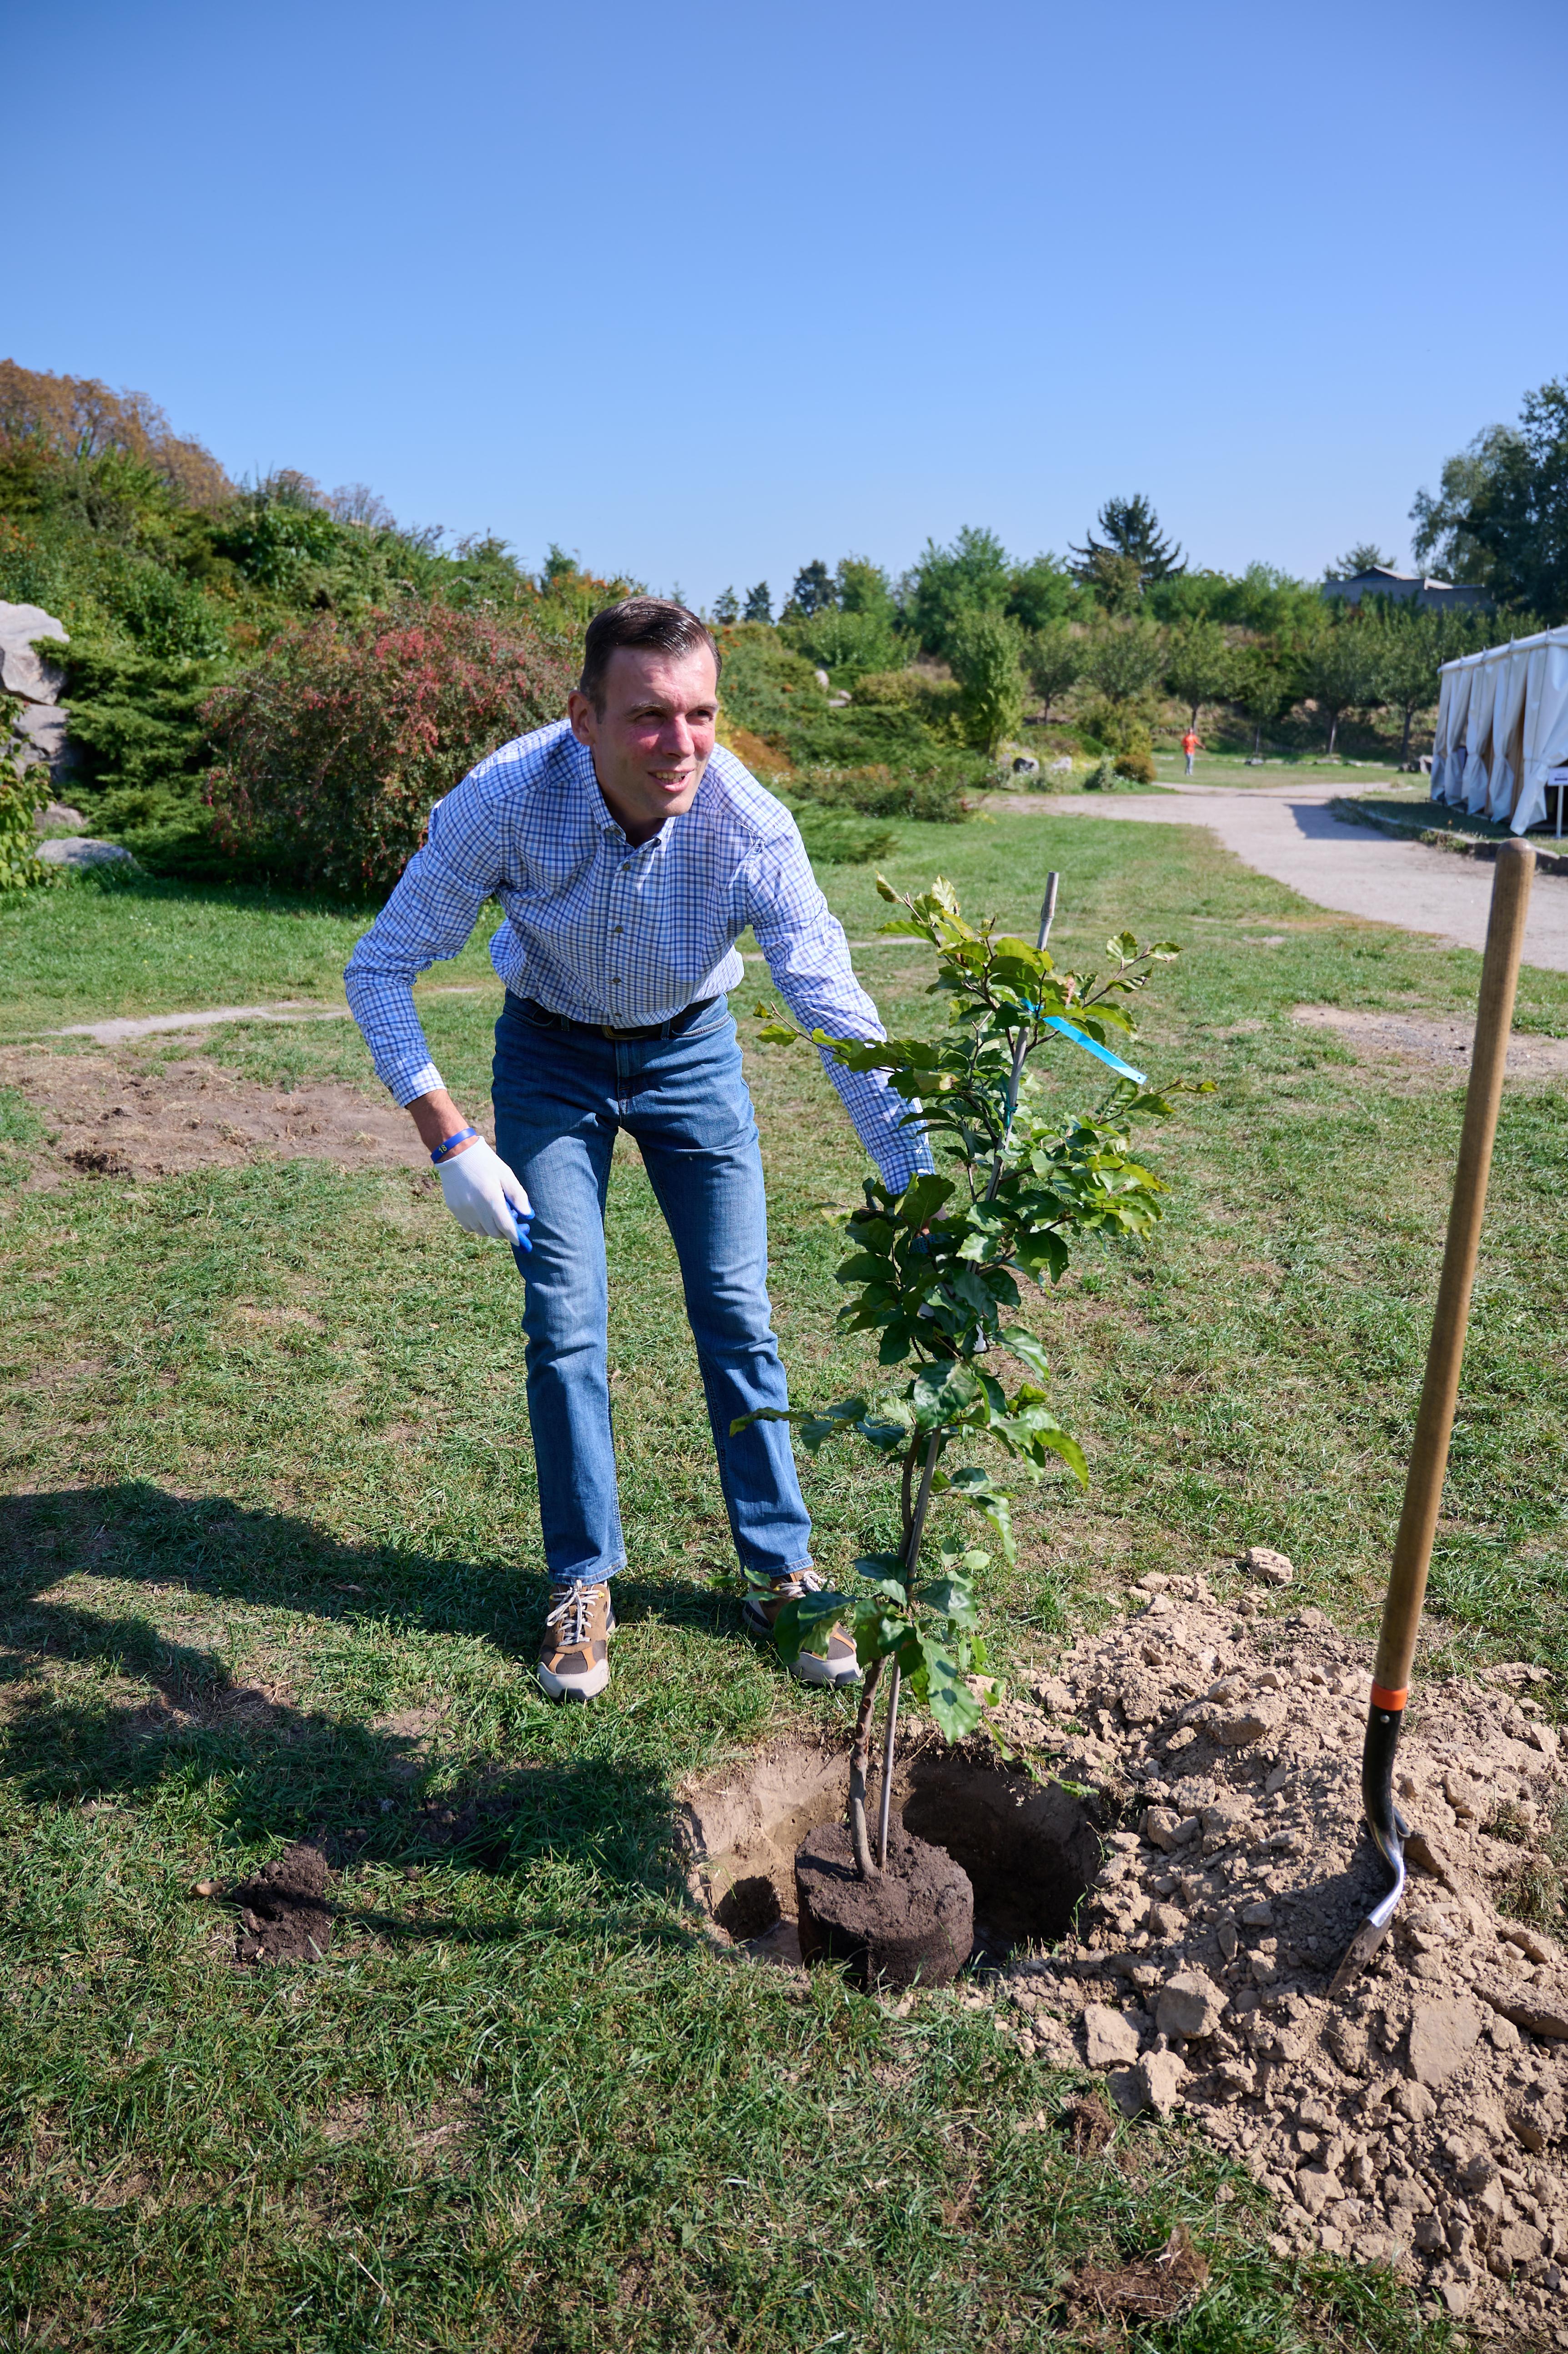 Ілля Климович:  Торнтон Уайлдер колись написав: «Посадити дерево - самий неегоїстичний з усіх людських вчинків.